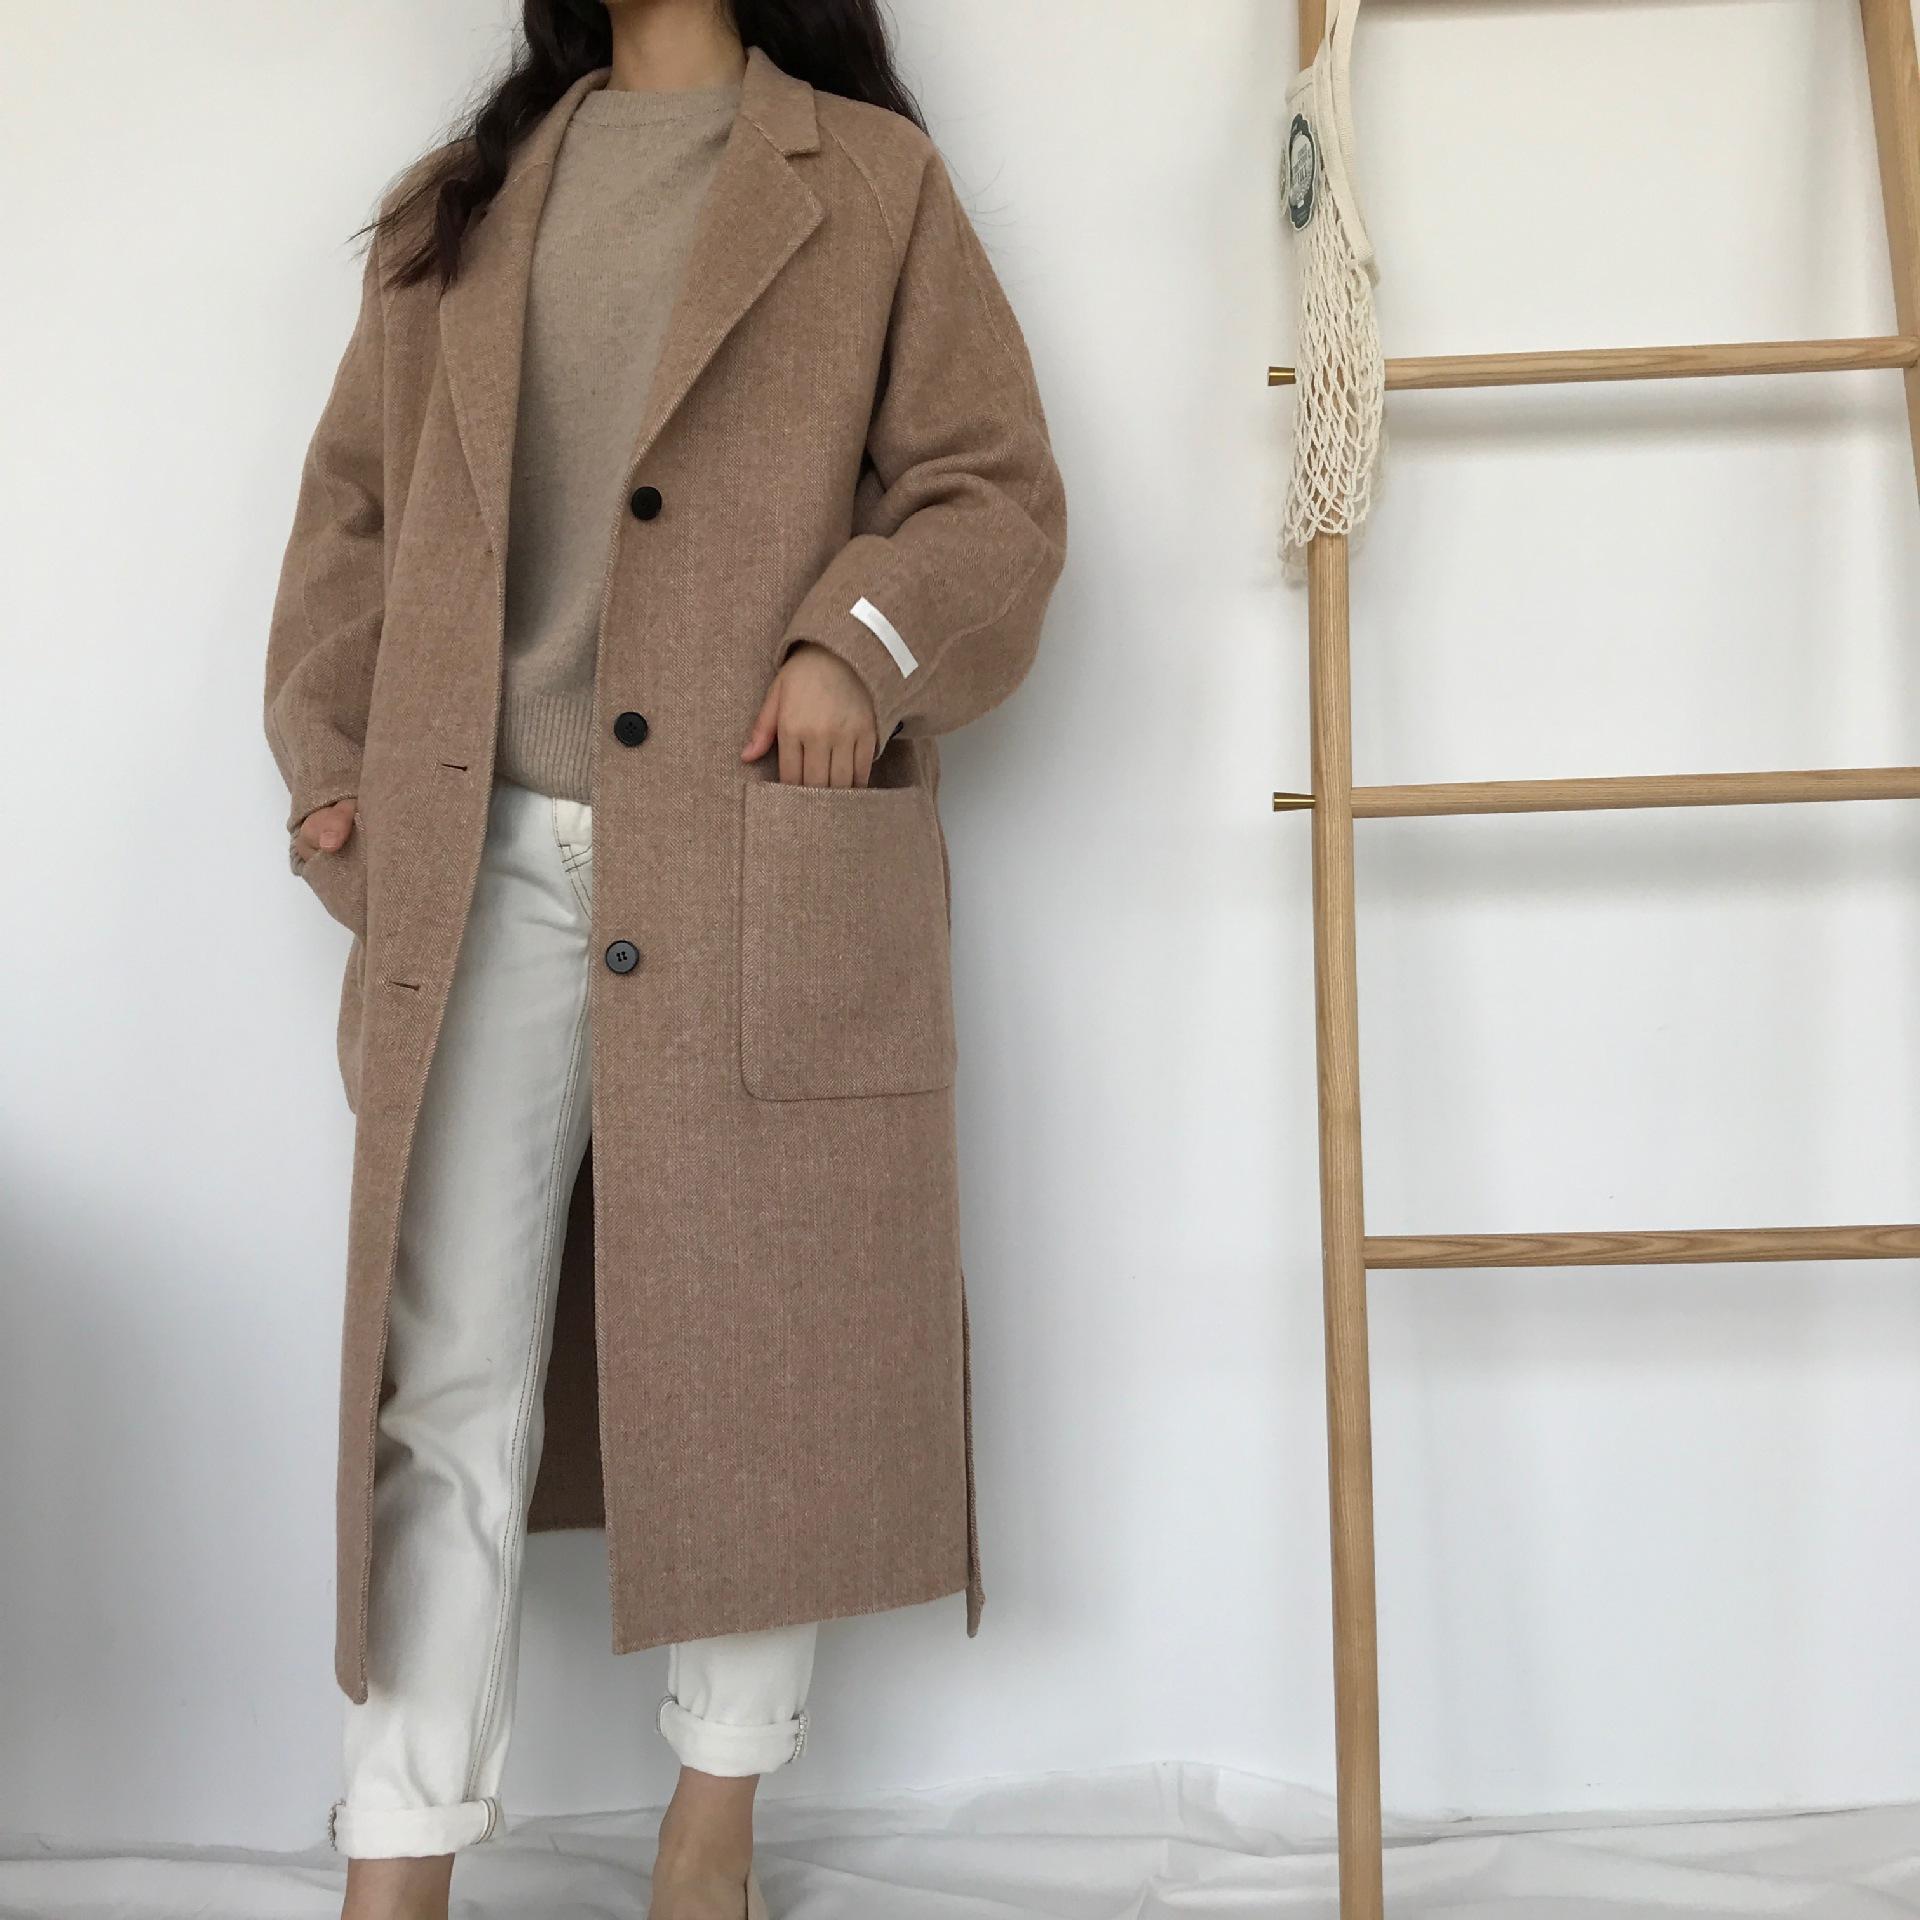 特价不退换18年洋气条纹韩国进口面料双面手缝羊毛羊绒大衣